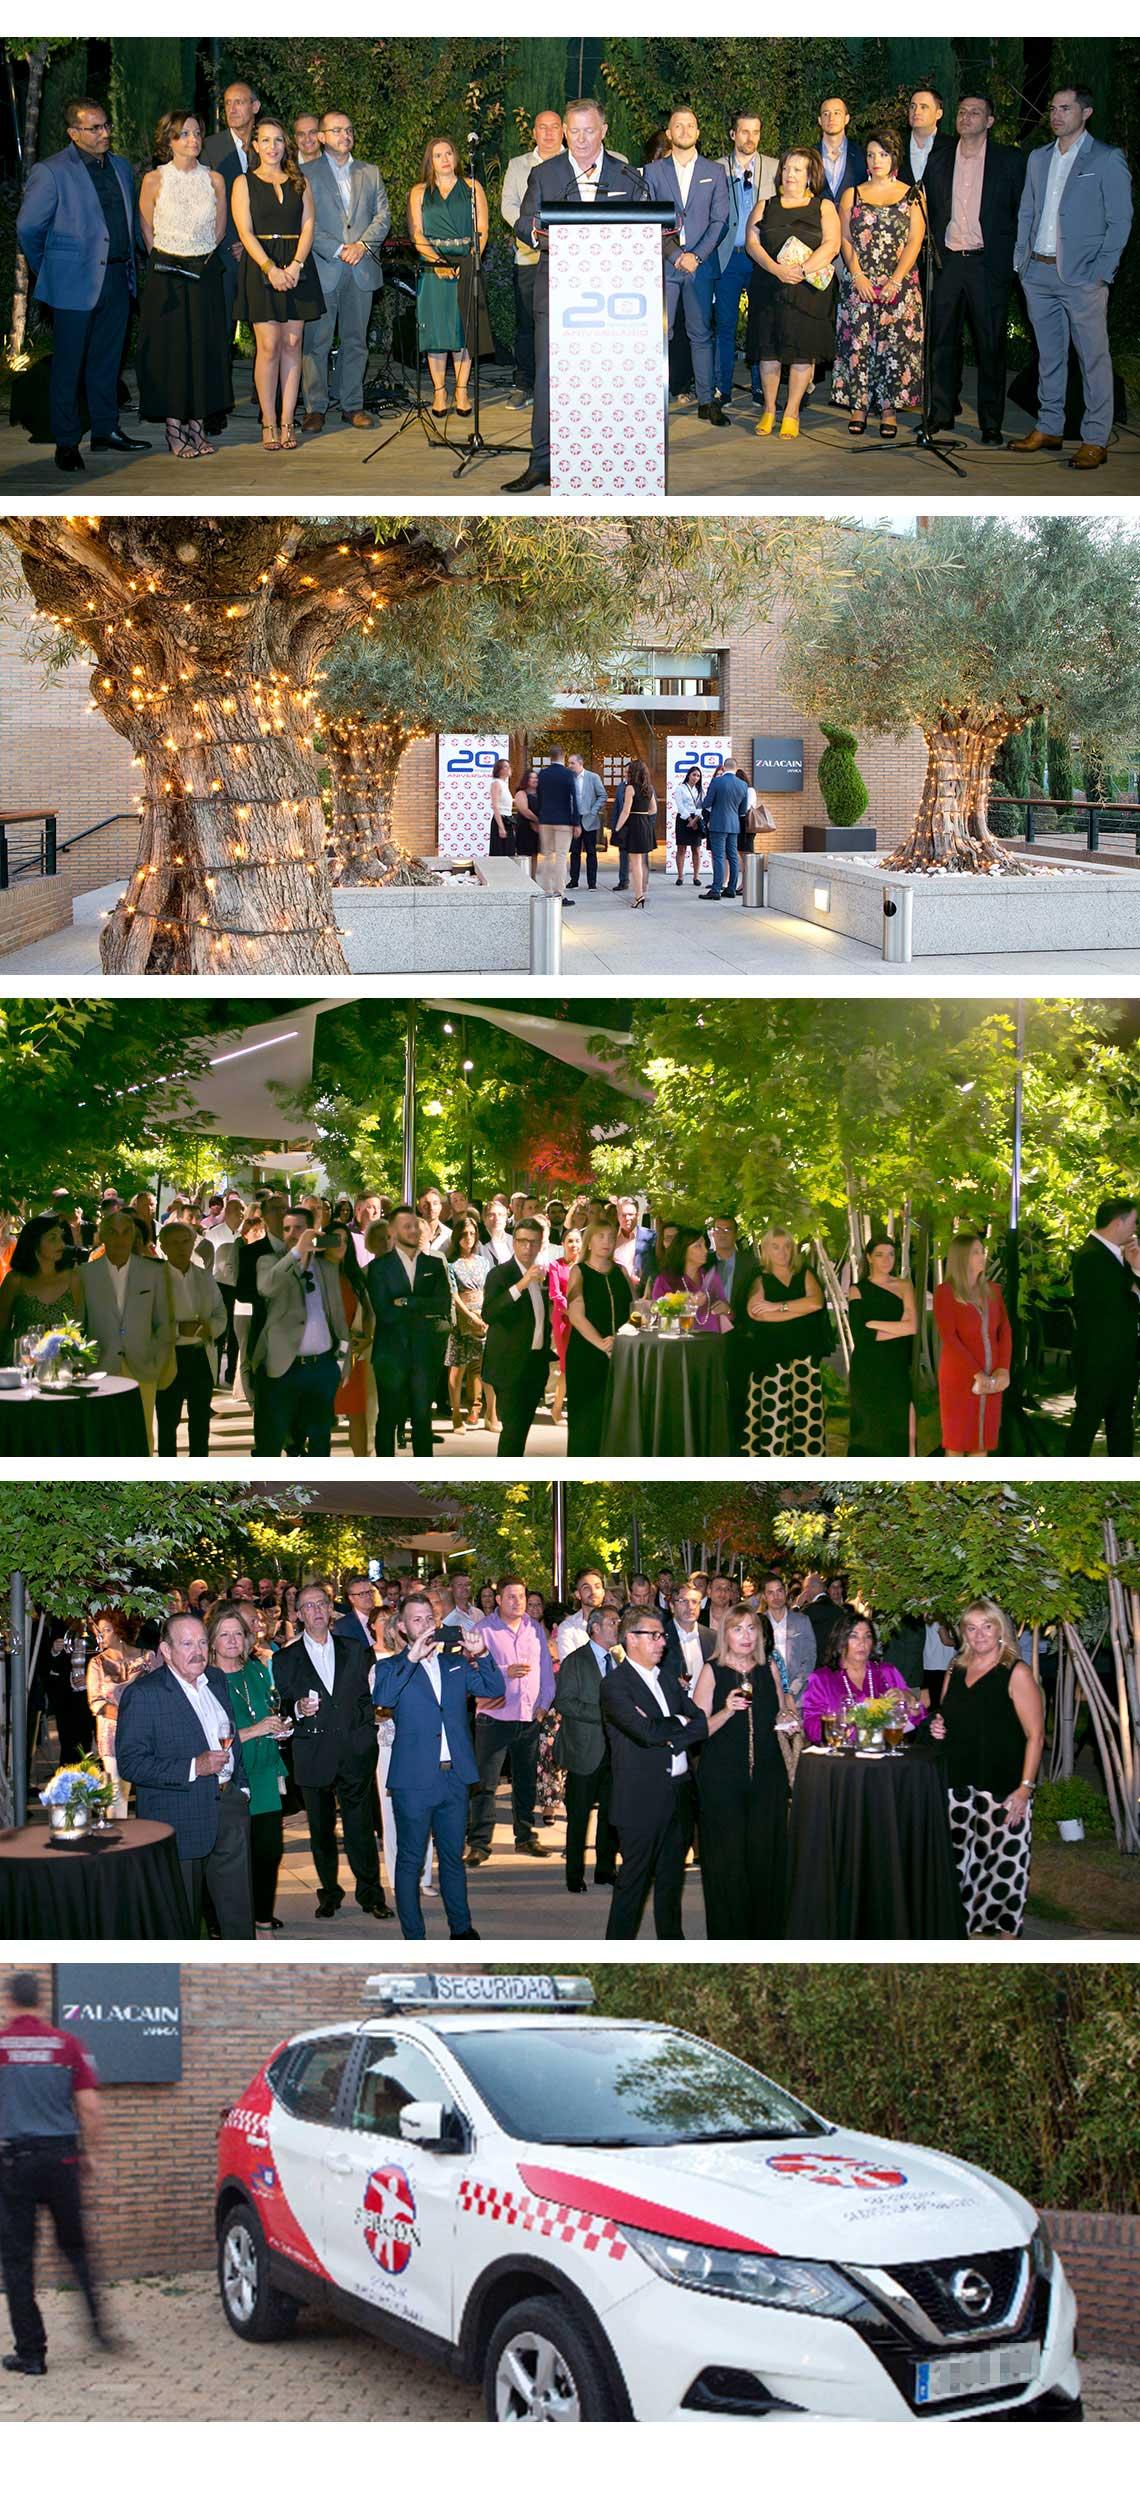 Evento Aniversario Grupo Sercon empresa de Seguridad y Servicios Integrales